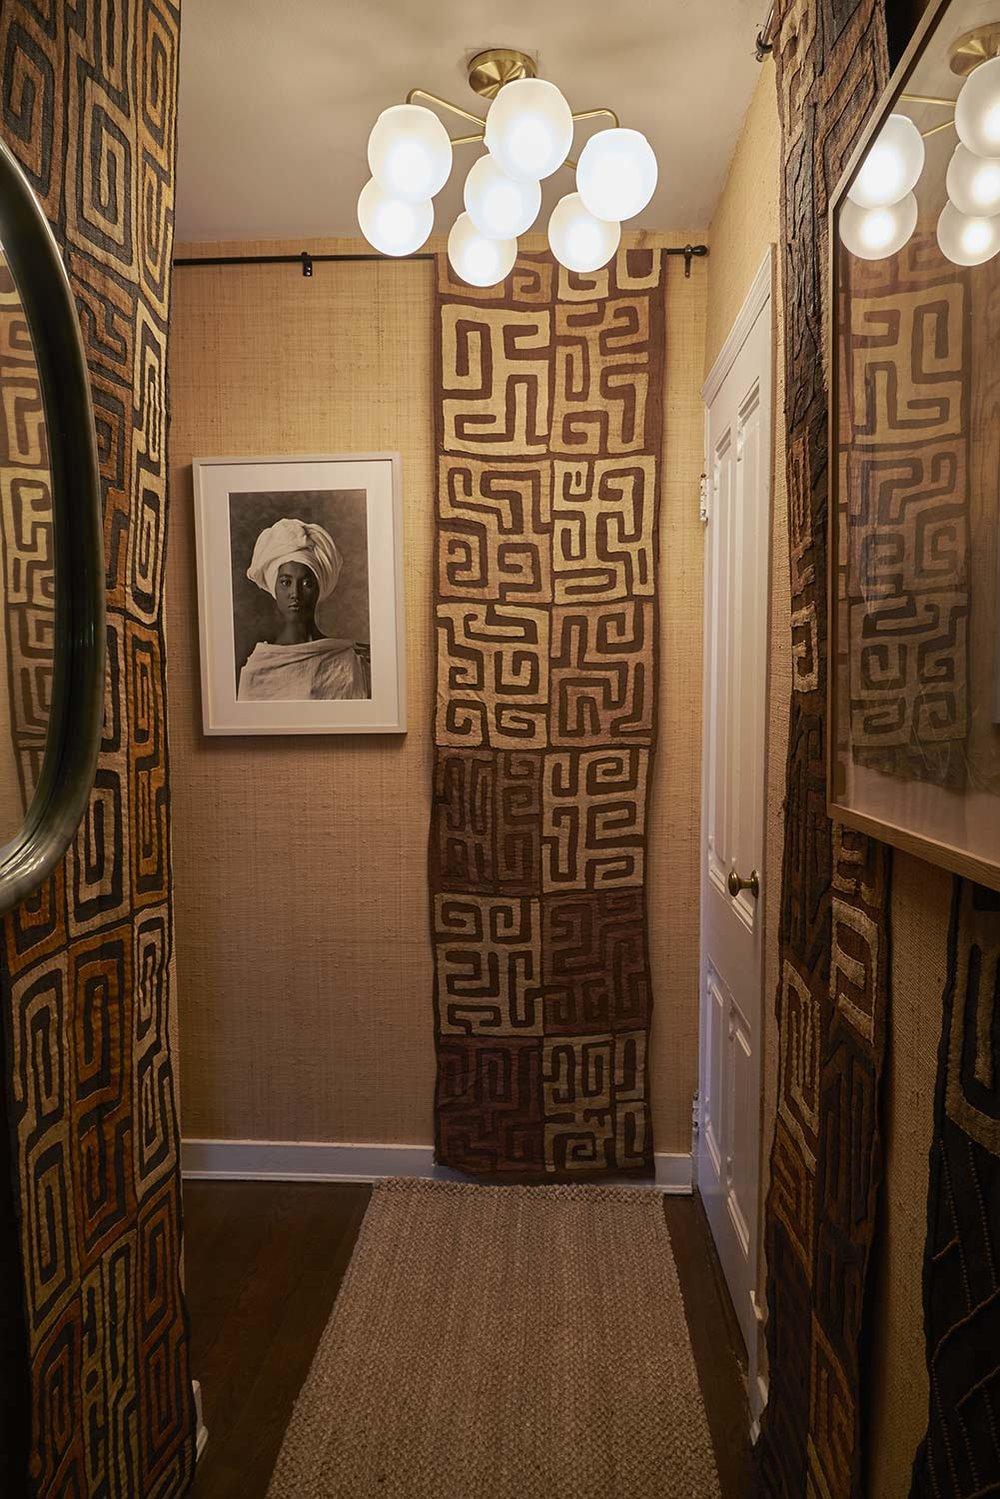 Upper East Side | New York   Une petite entrée inspirée de l'Afrique avec des tapis Kuba du Mali et des murs tapissés en raphia nous conduit dans une grande pièce aux couleurs vieux rose et lilas dont l'ambiance italienne des années 50 est accentuée par des photographies en noir et blanc, des meubles en laque et des lampes vintage.